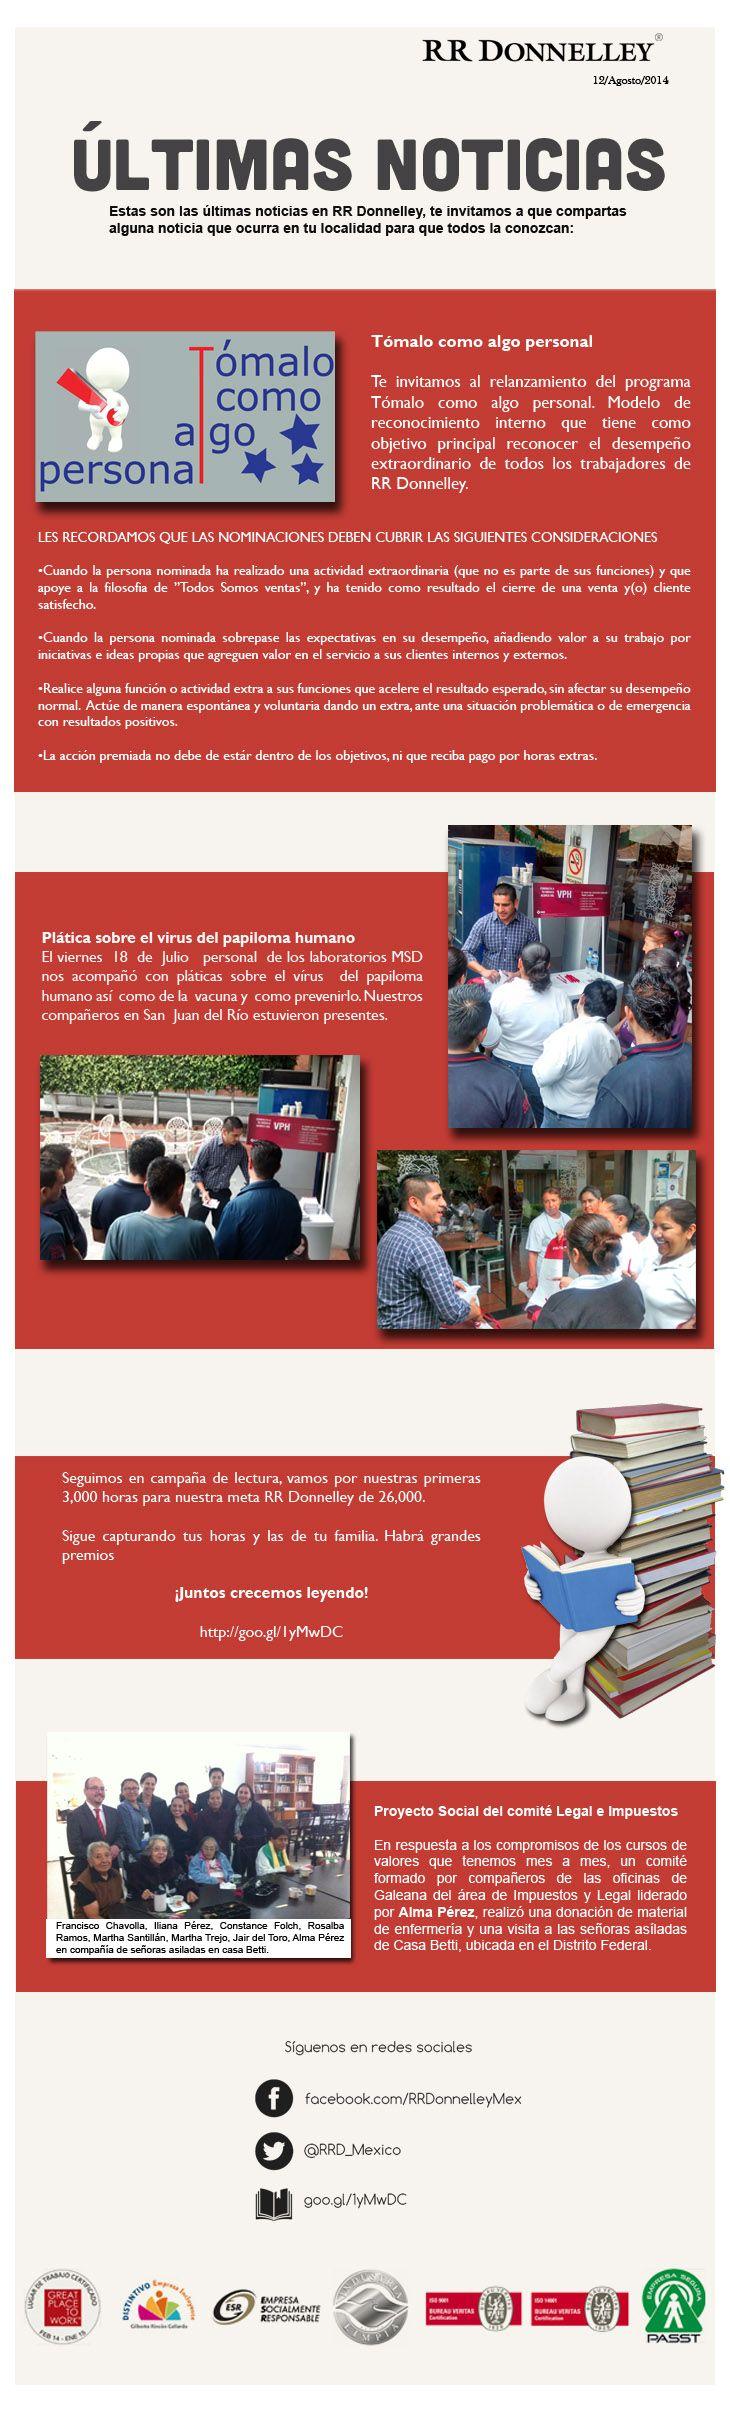 Últimas noticias RR Donnelley México Agosto 2014